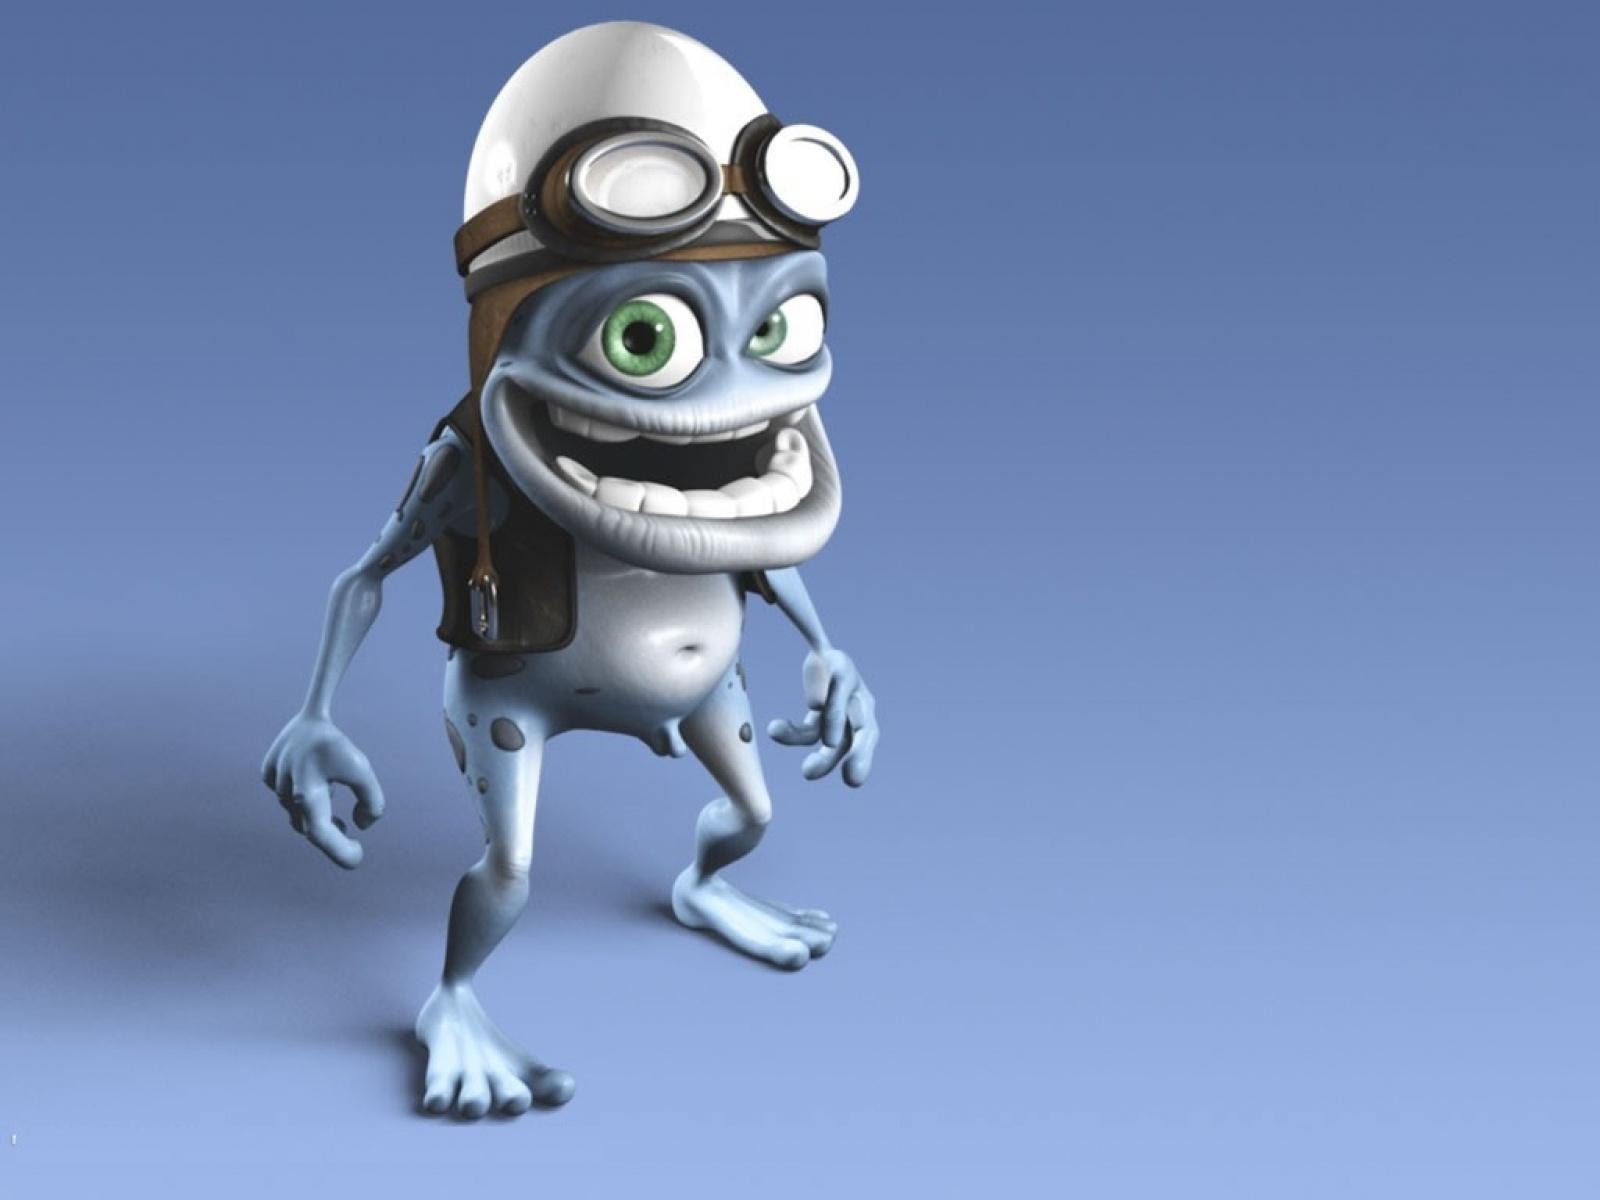 Crazy Frog wraca znowym albumem. Takprzynajmniej twierdzi ktoś, kto się zaniego podaje naTwitterze